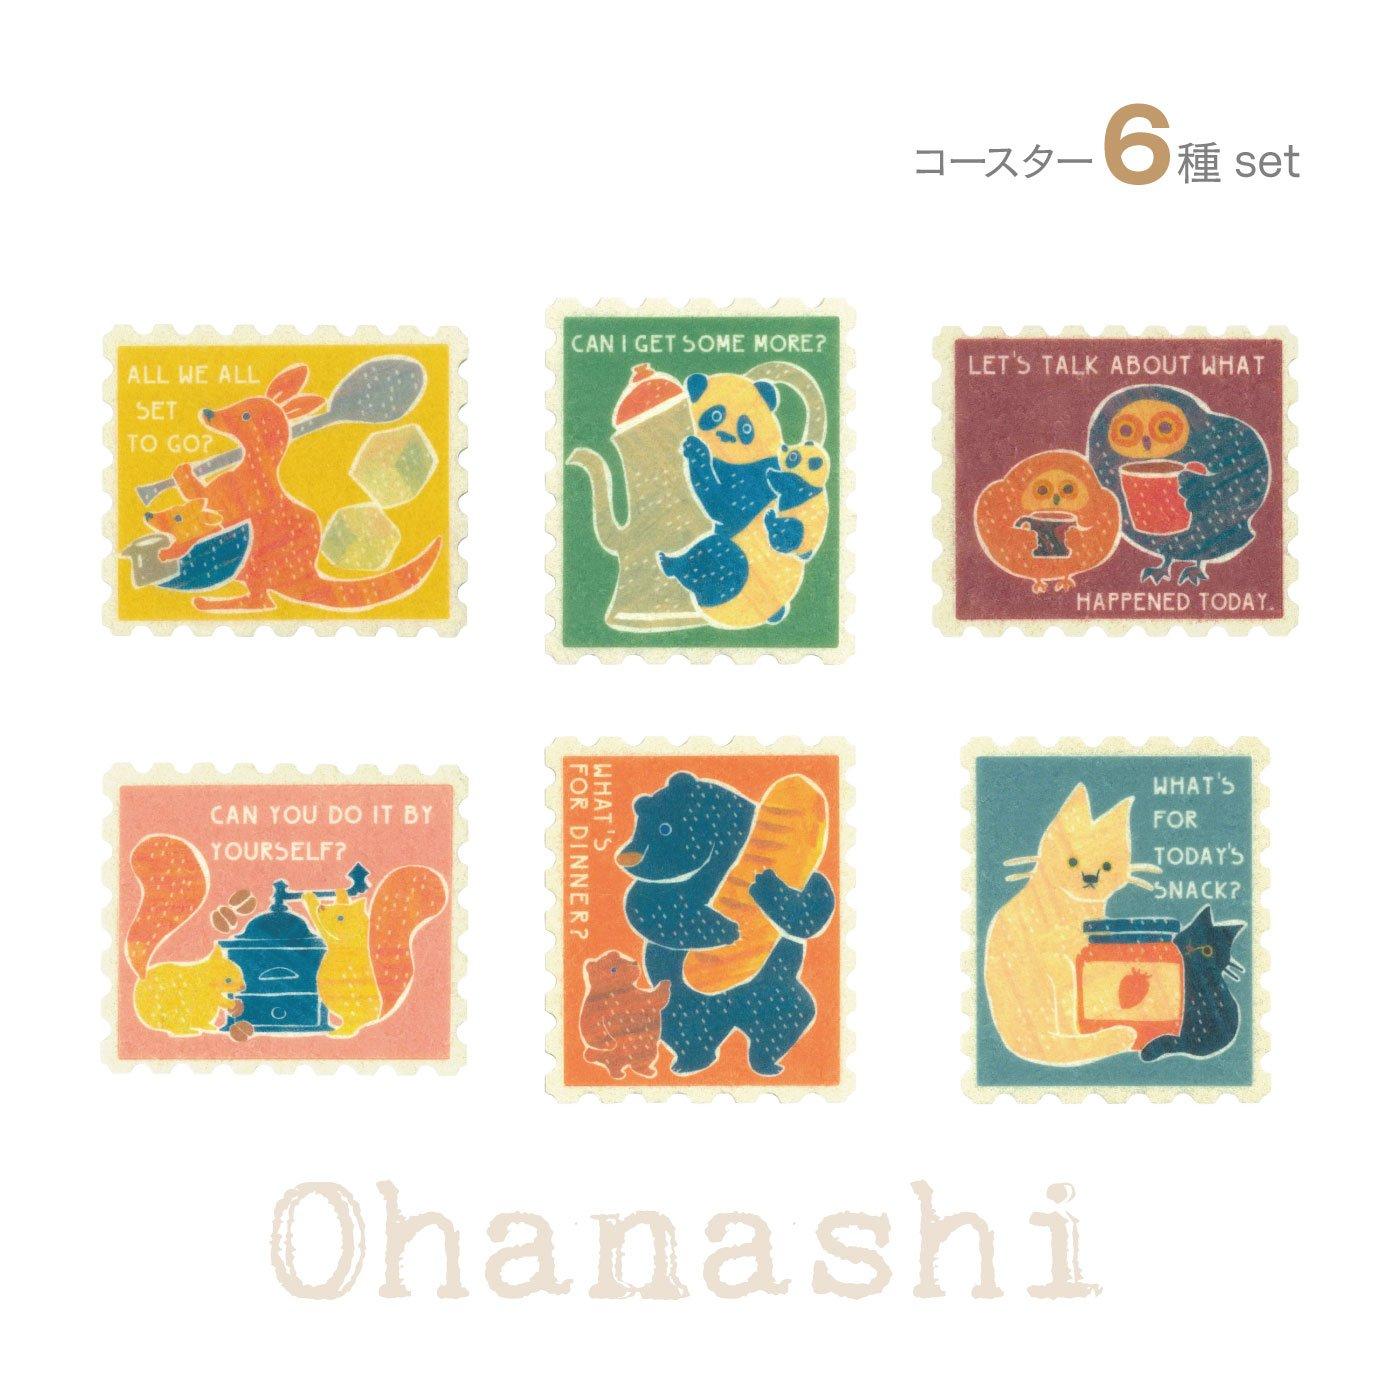 OHANASHI かわいいどうぶつ親子のおはなしフェルトコースター6種セット